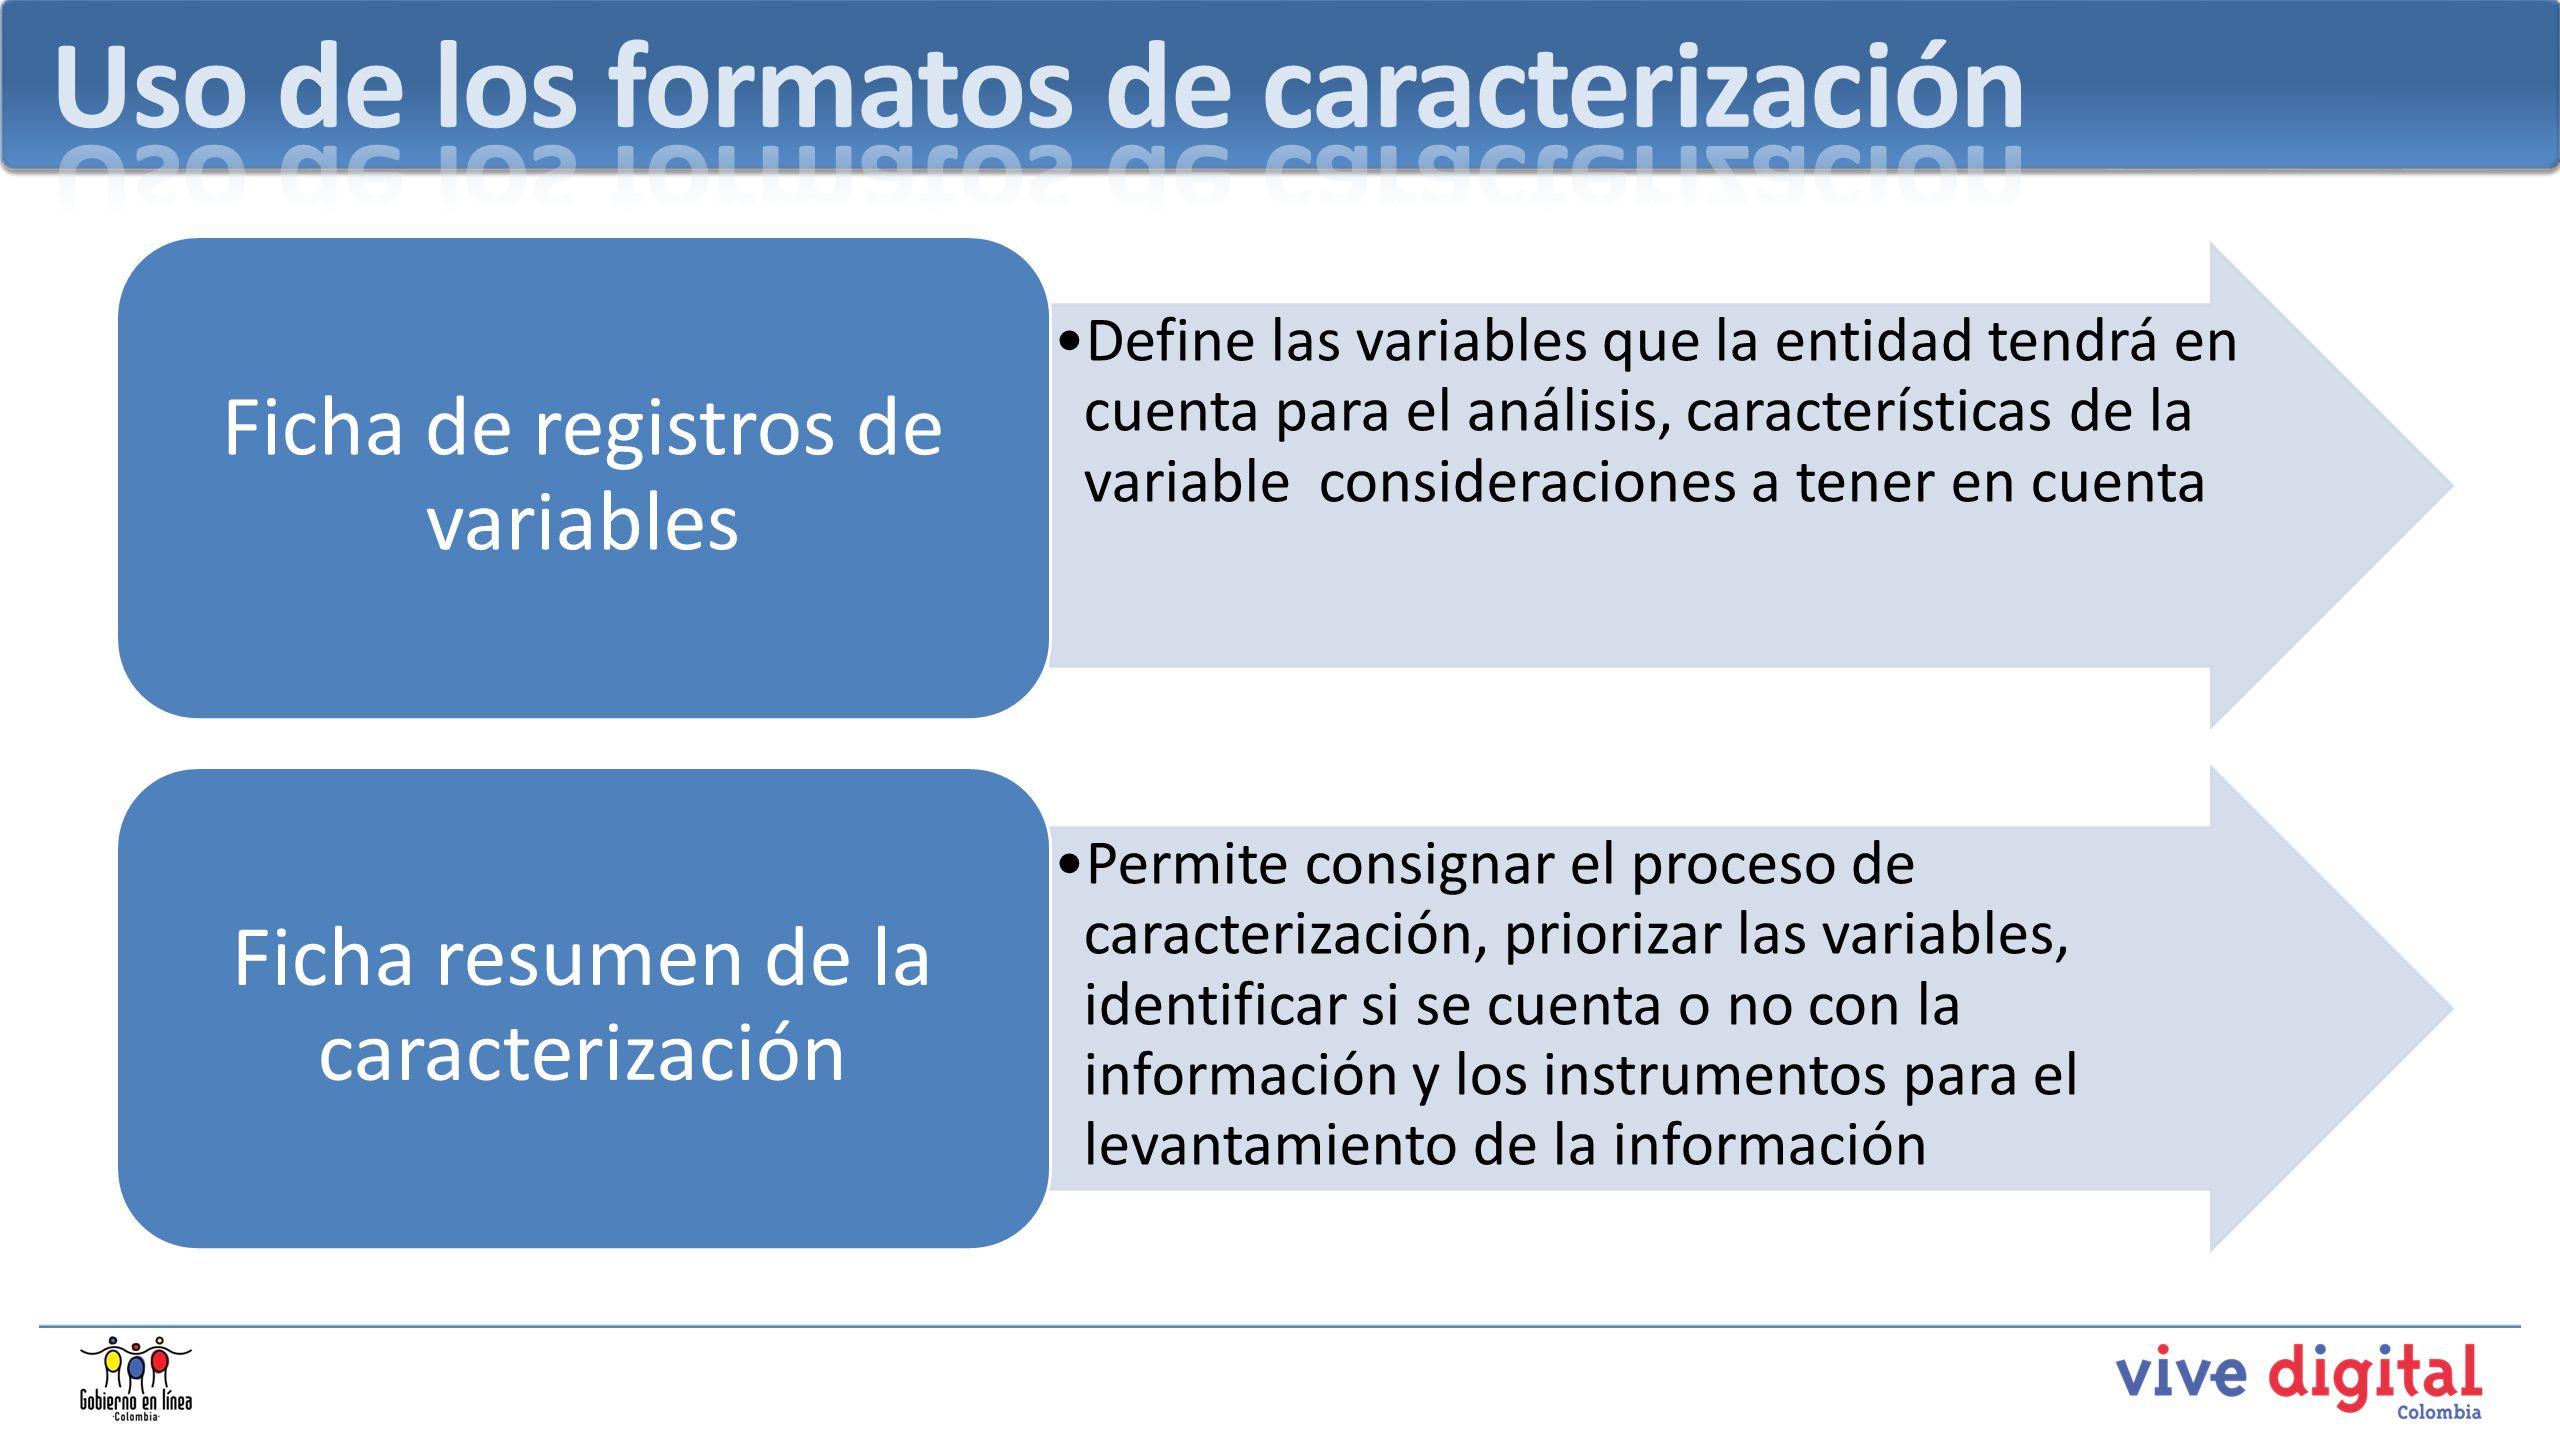 Uso de los formatos de caracterización